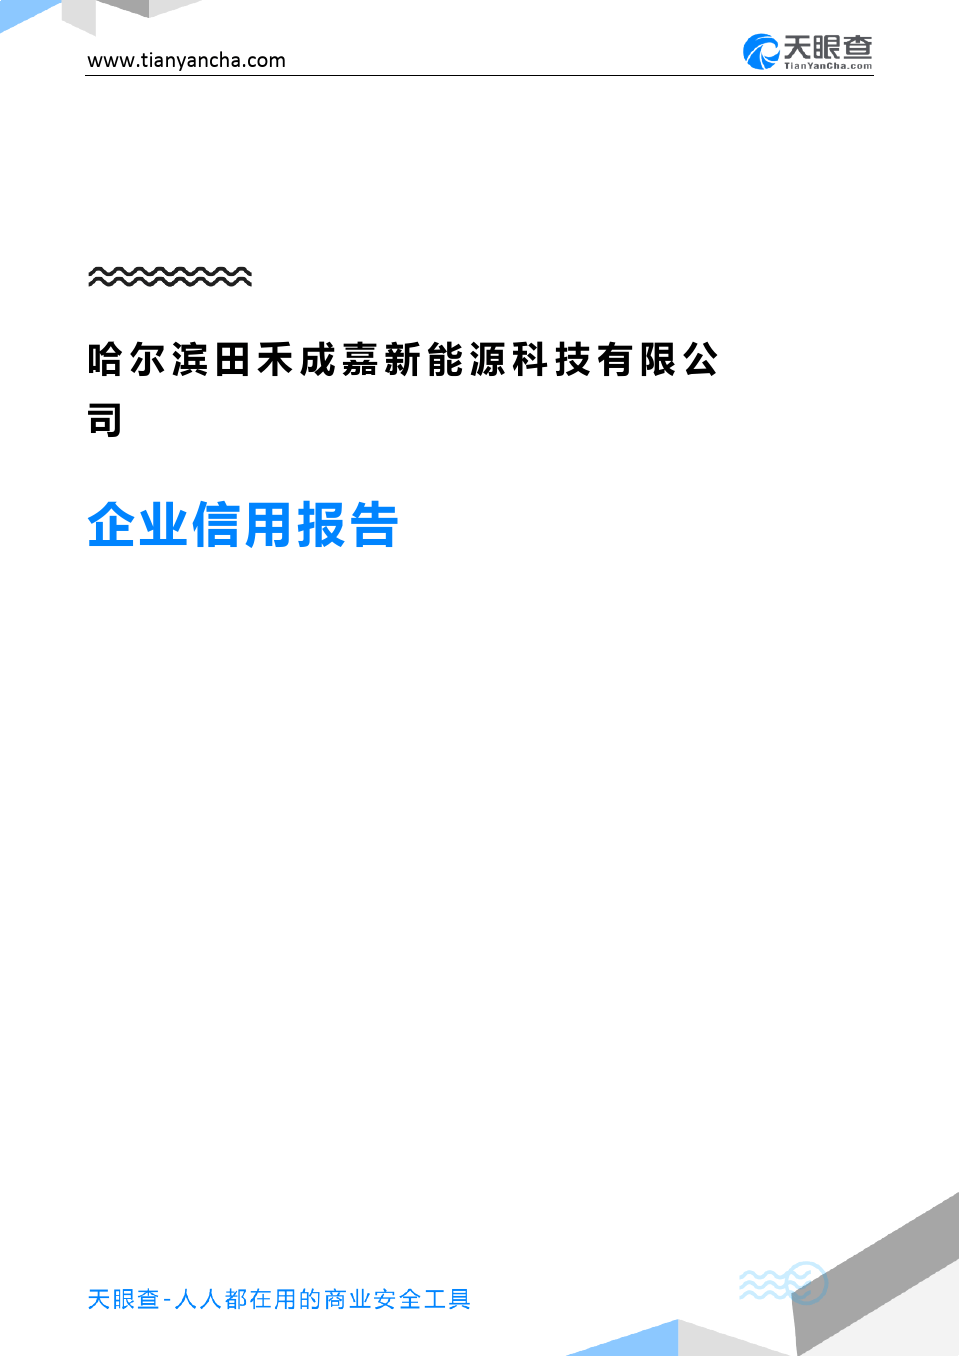 哈尔滨田禾成嘉新能源科技有限公司(企业信用报告)- 天眼查